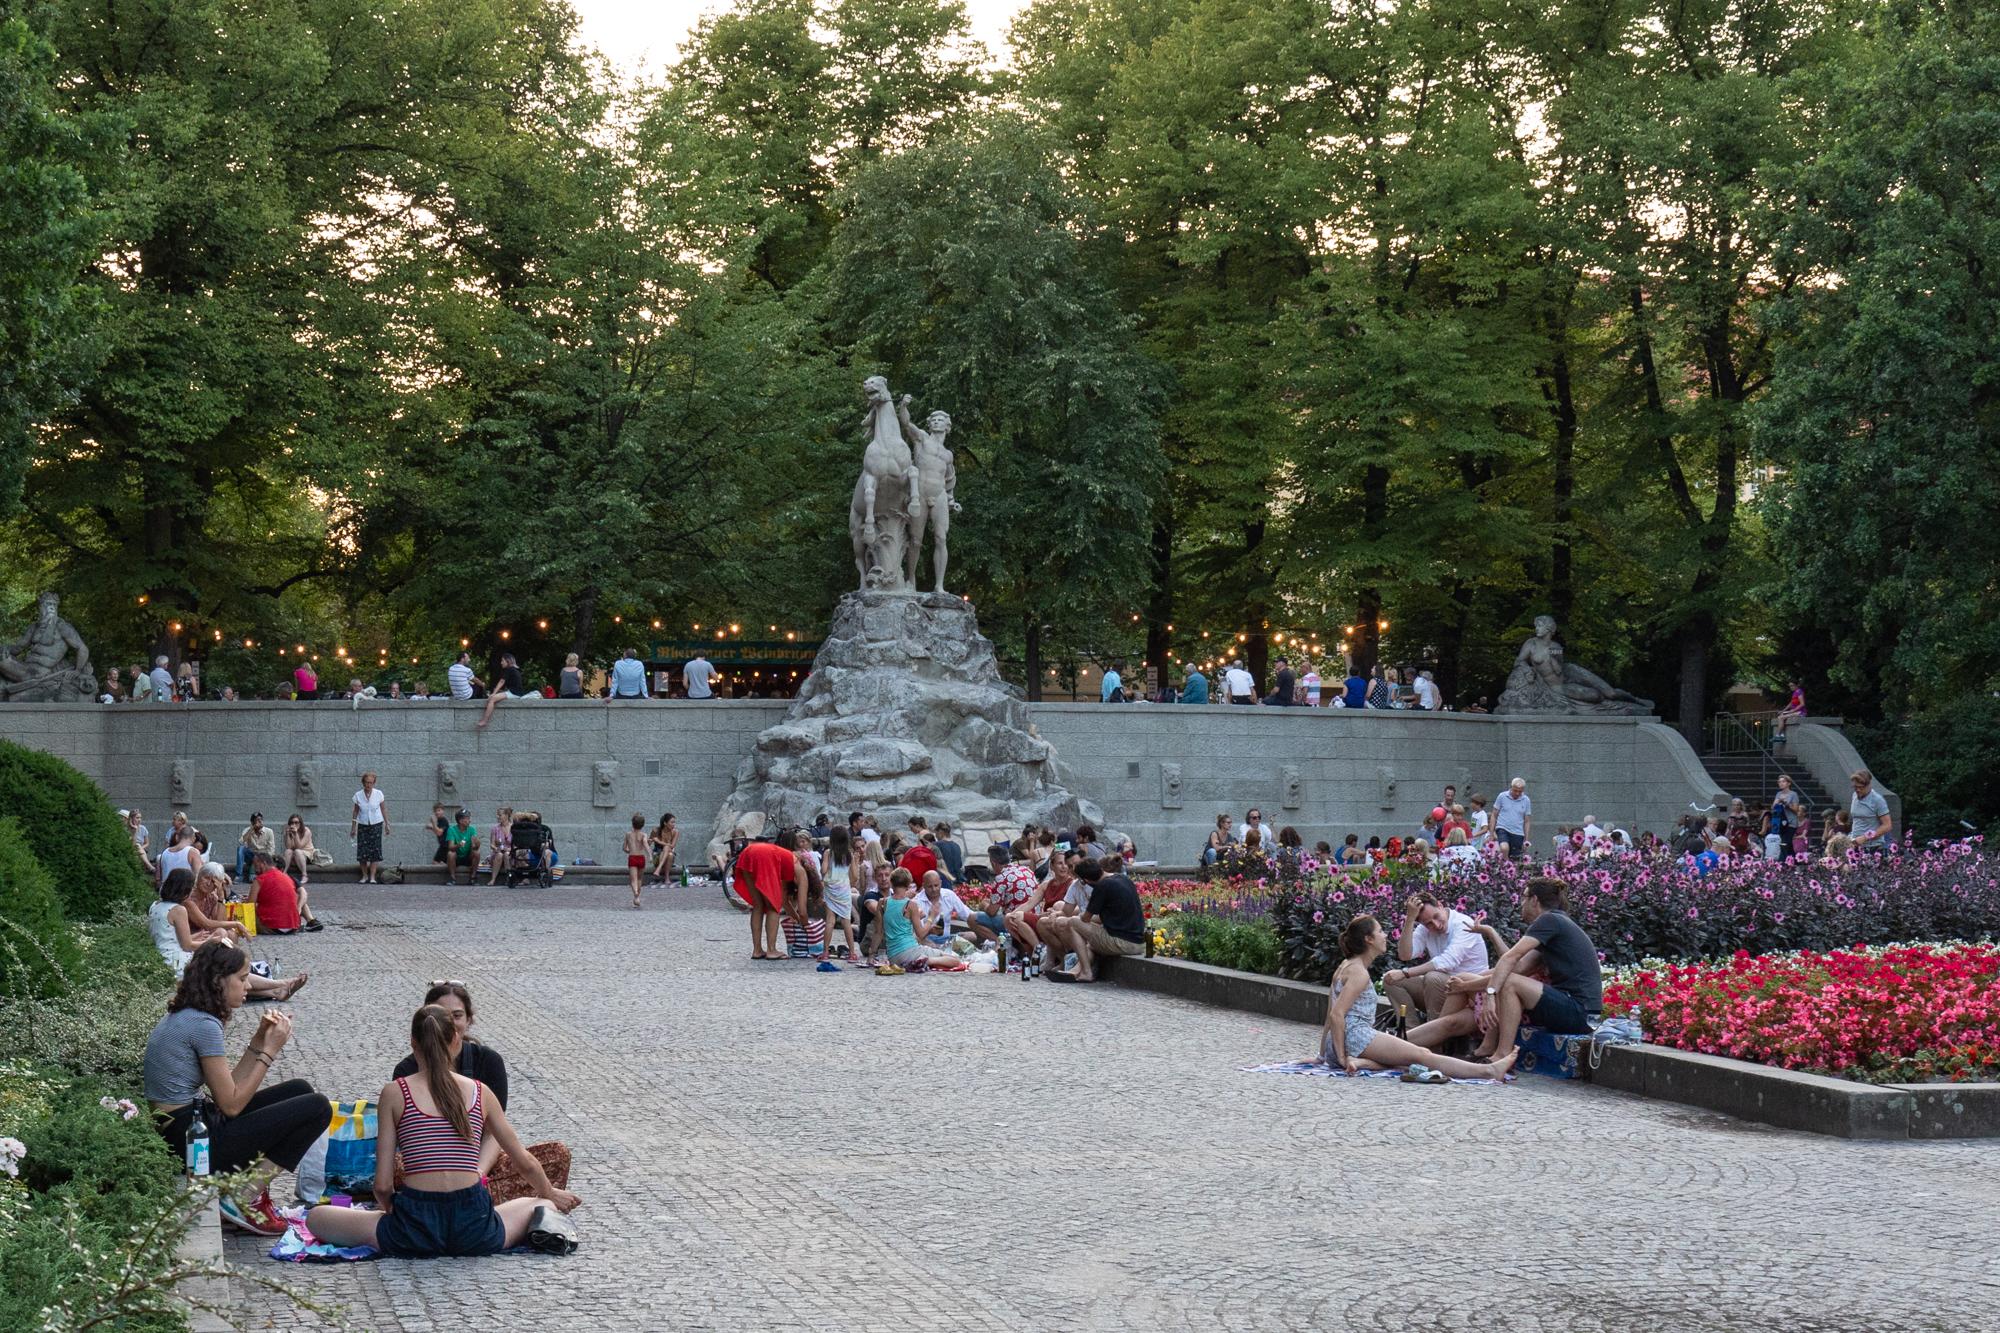 Gäste sitzen auf dem Rüdesheimer Platz vor dem Rheingauer Weinbrunnen - eine Holzhütte, die Weine aus dem Rheingau-Taunus in Hessen am Rüdesheimer Platz in Berlin Wilmersdorf serviert